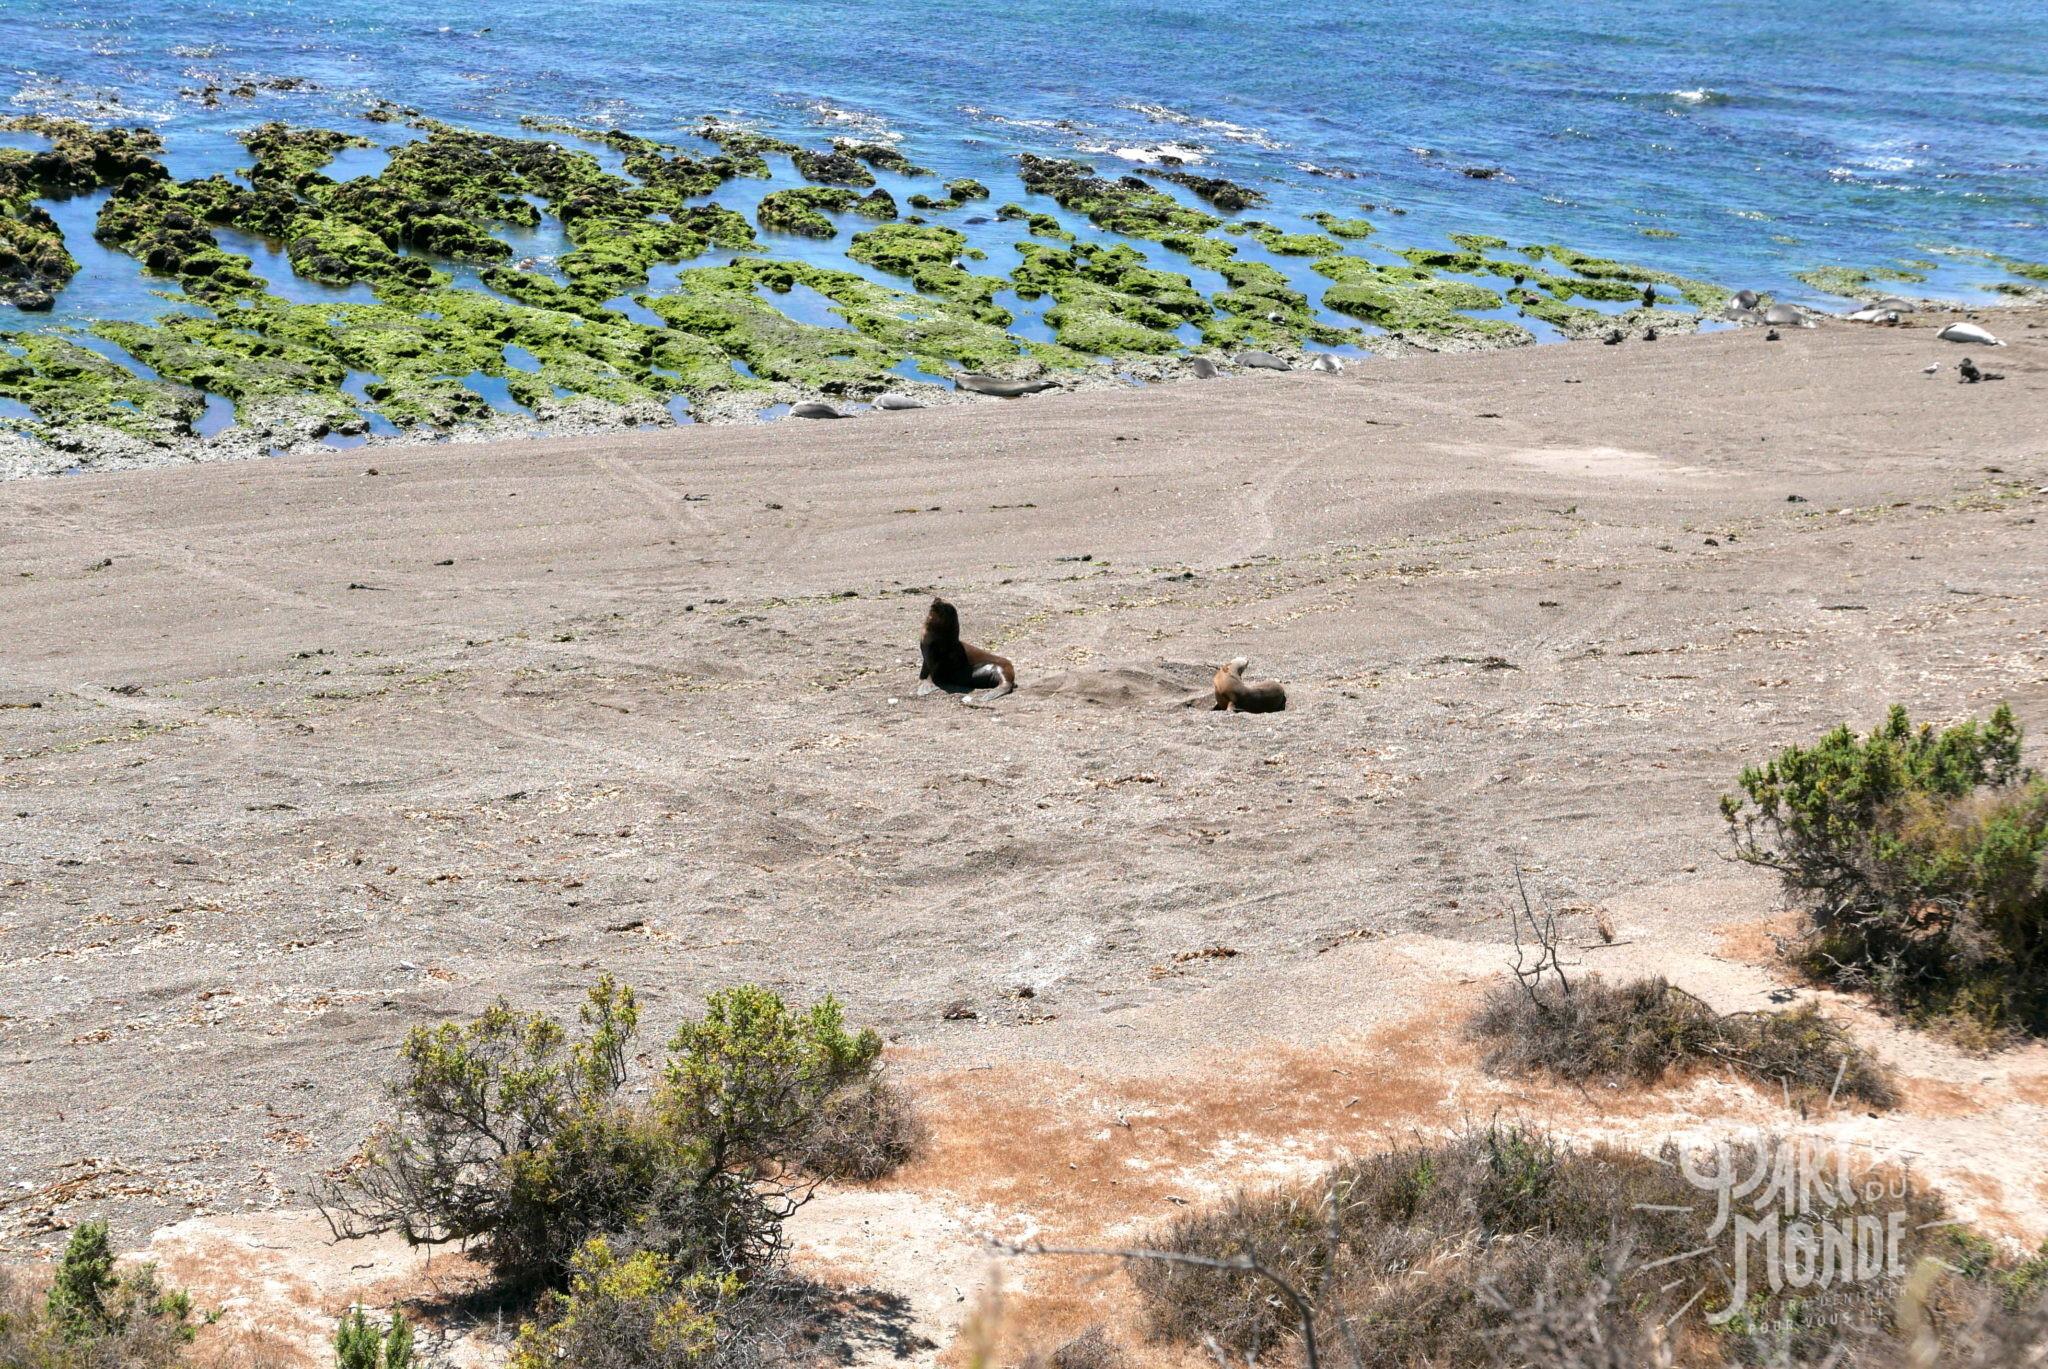 péninsule de valdès lion de mer et femelle